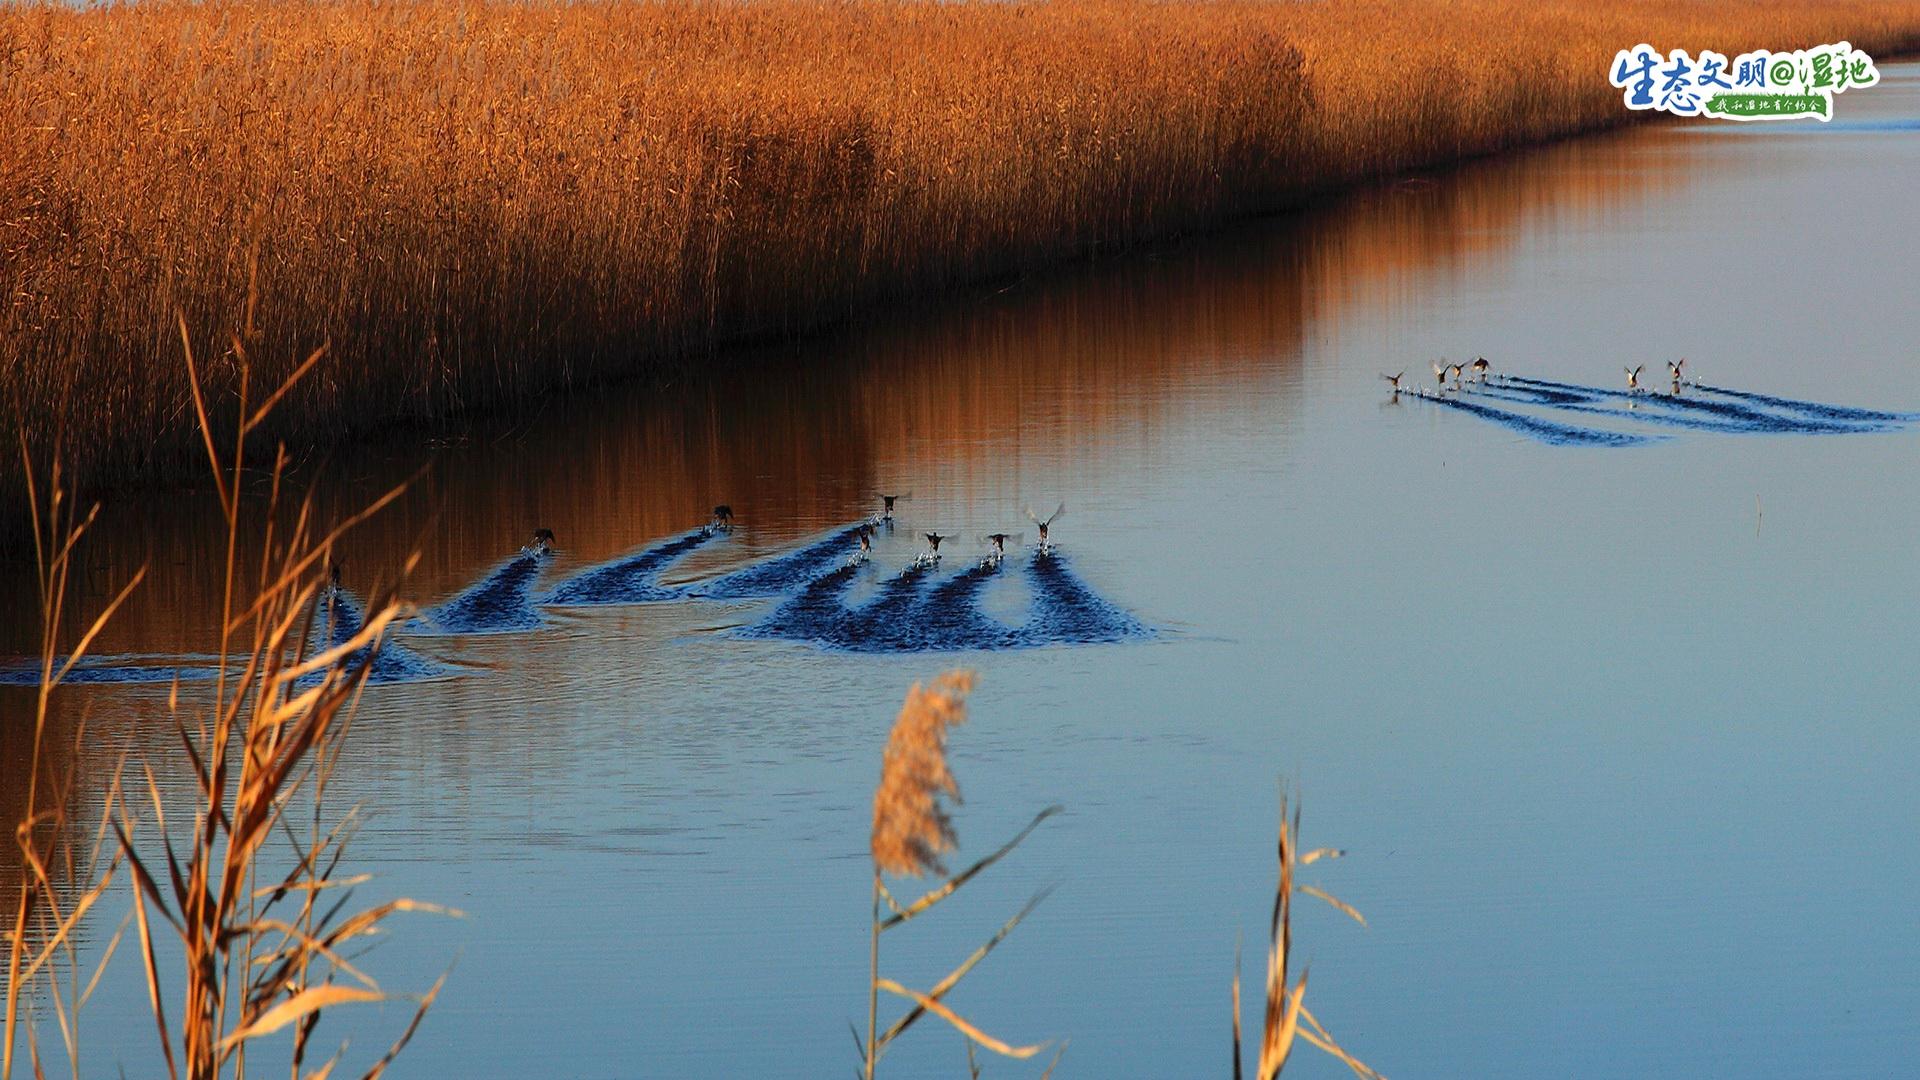 天津地处九河下梢,湿地资源丰富,根据第二次全国湿地资源调查,天津各类湿地总面积29.56万公顷,陆域湿地占全市国土面积的17.1%。<br/>